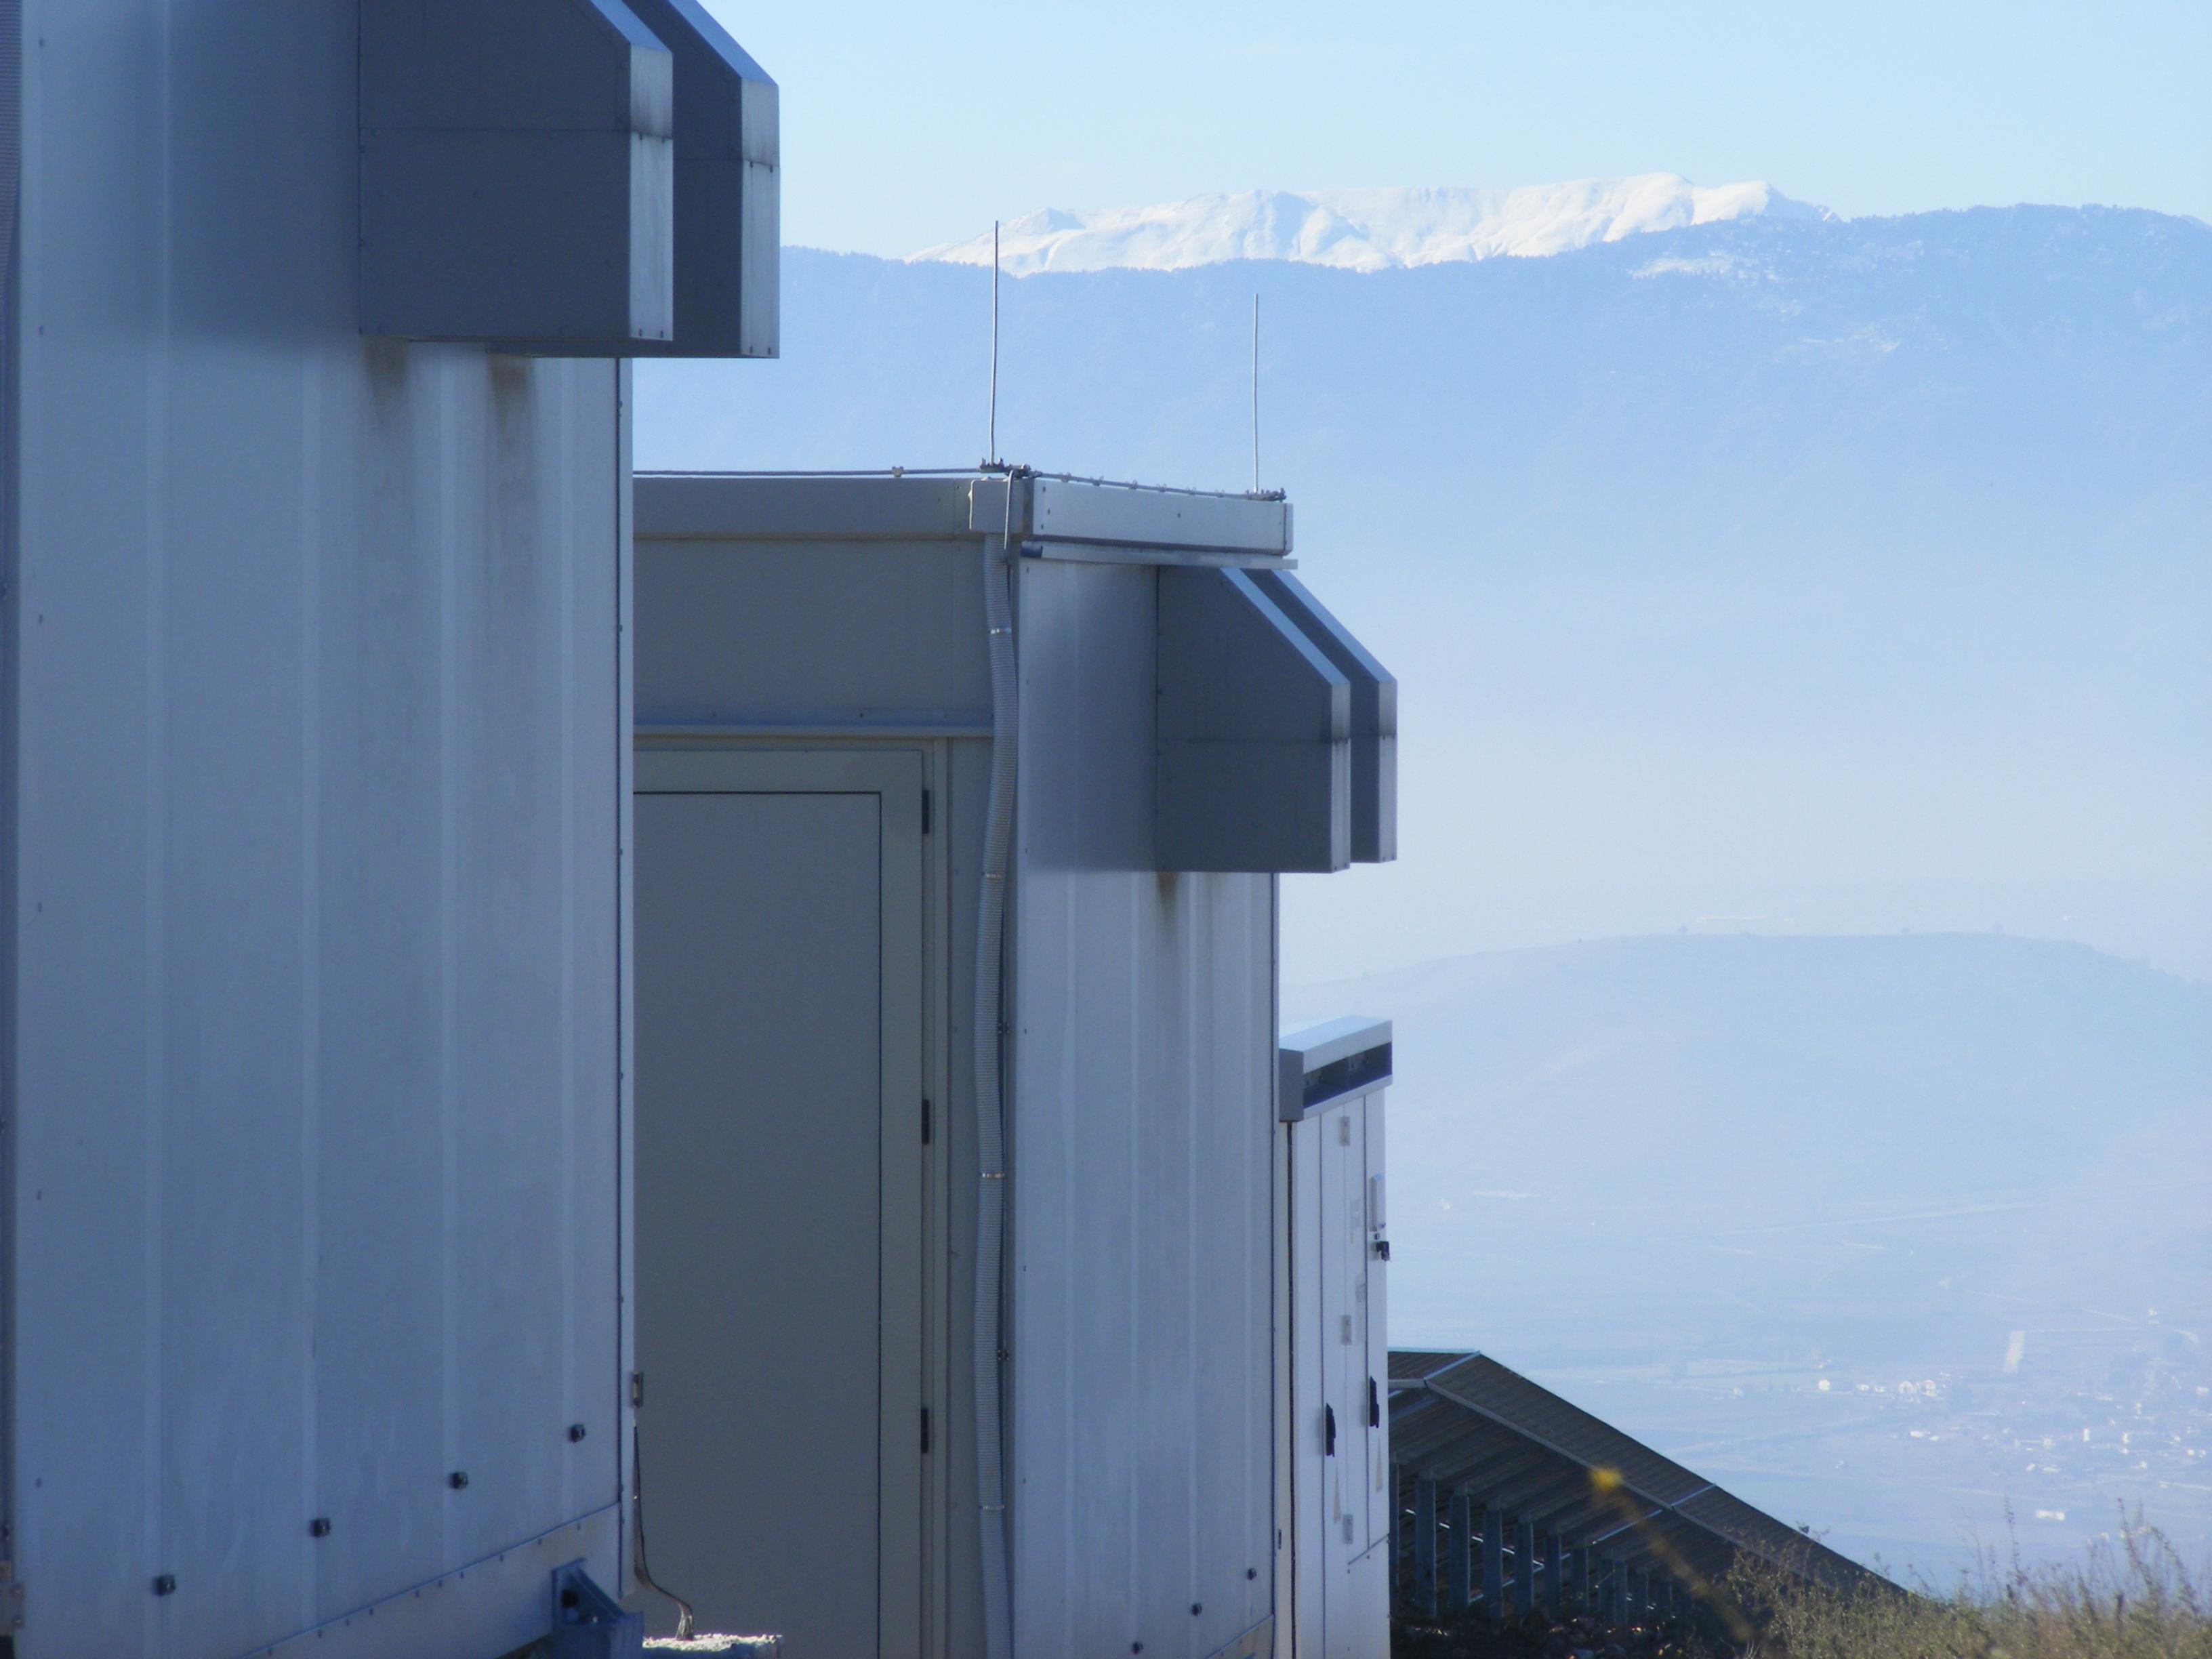 Φωτοβολταικός σταθμός Μεση τάση Τρίκαλα